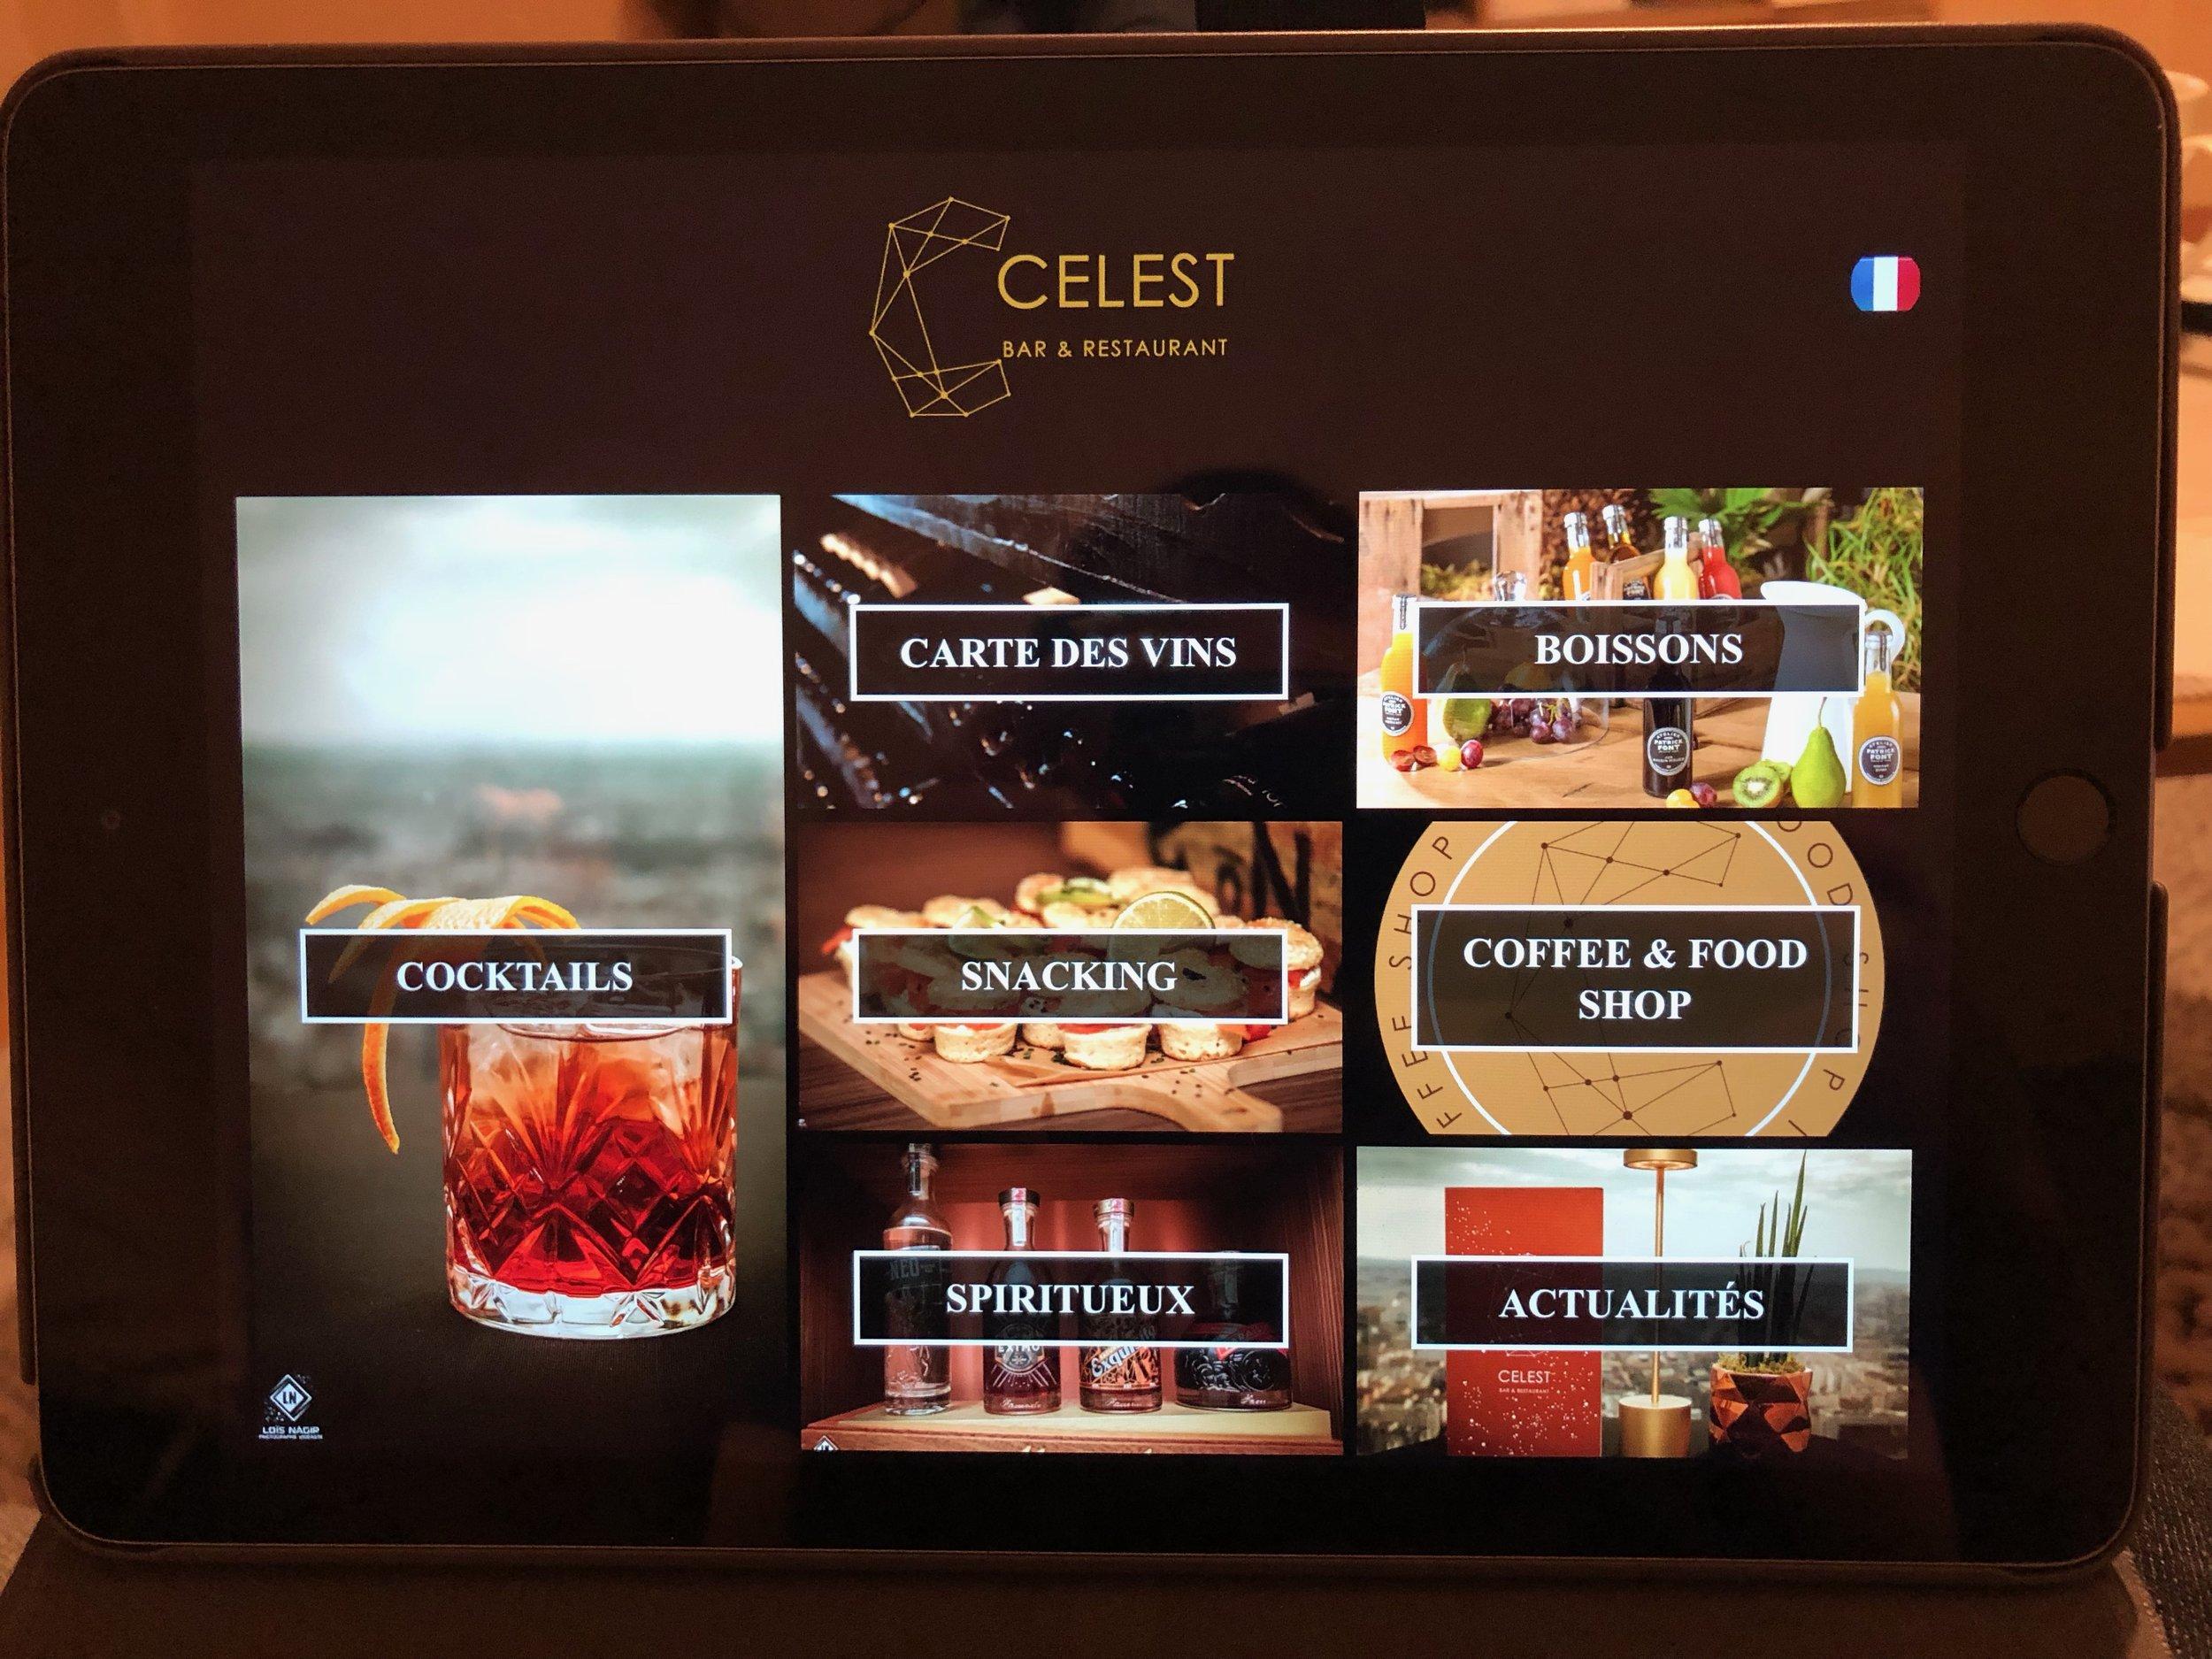 Menu restaurant francais tablette tactile.jpg